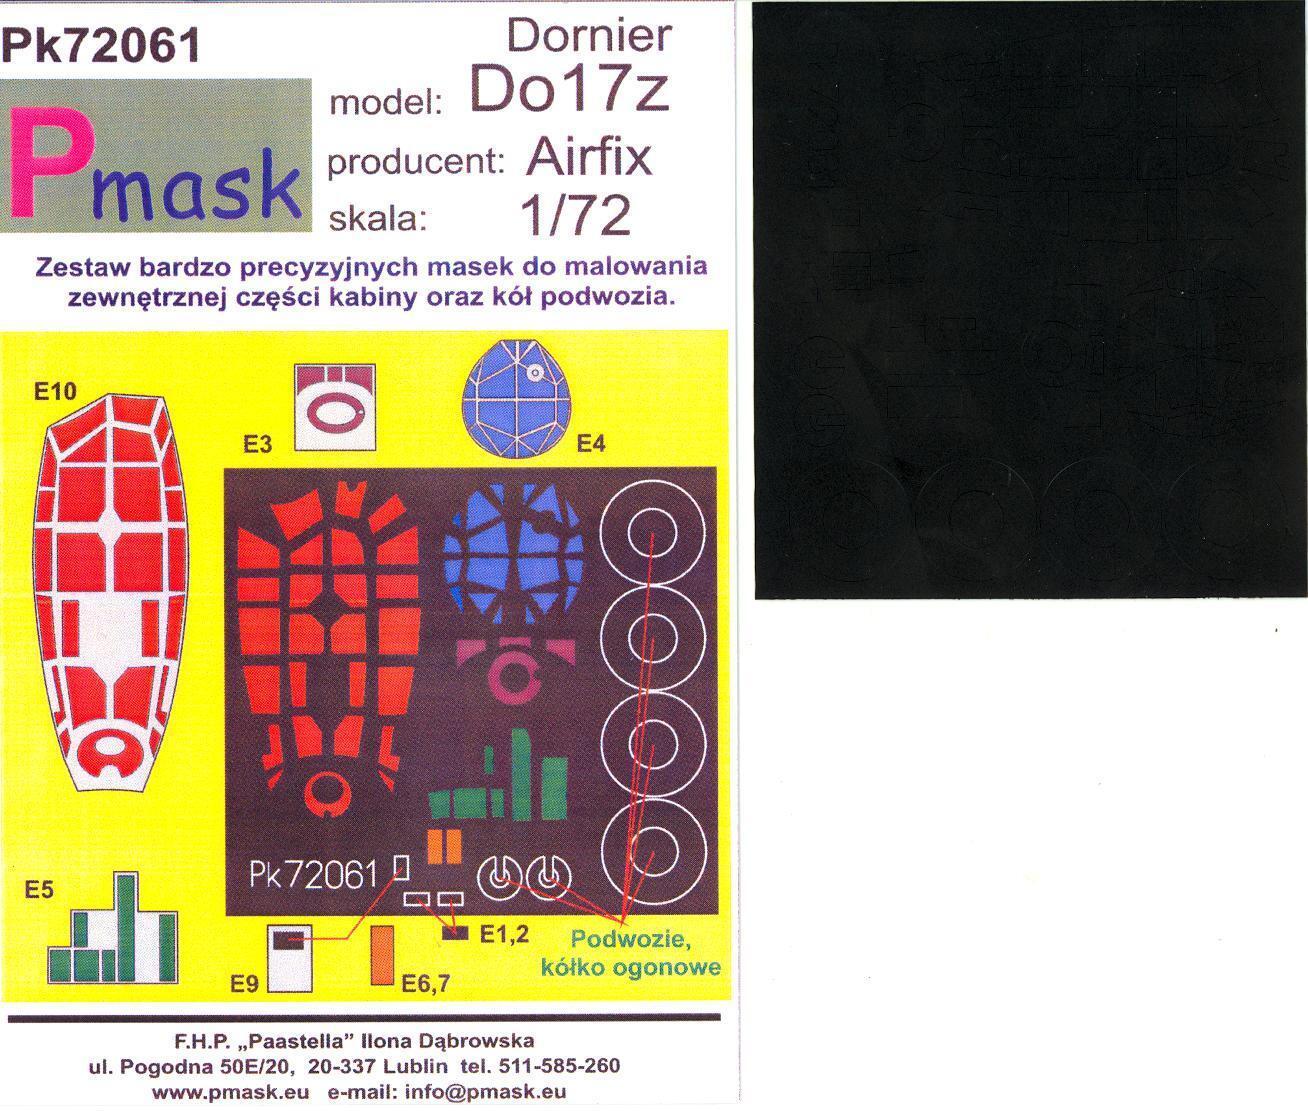 AIRES 7330 Wheels /& Mask for Airfix® Kit Dornier Do17 in 1:72